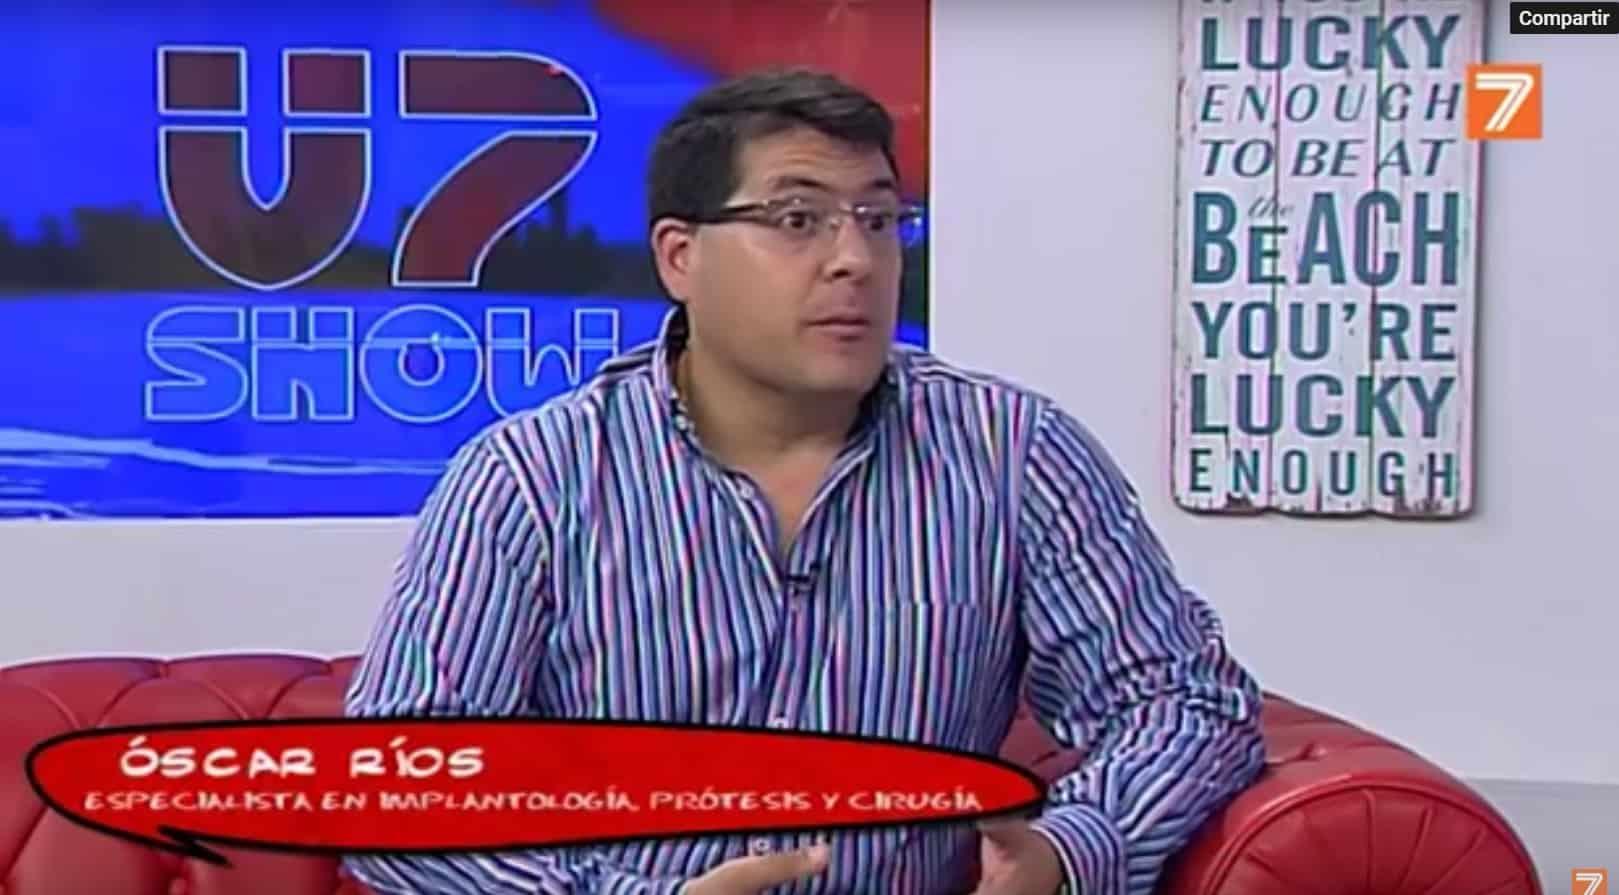 Entrevista al Dr. Óscar Ríos en TeleValencia